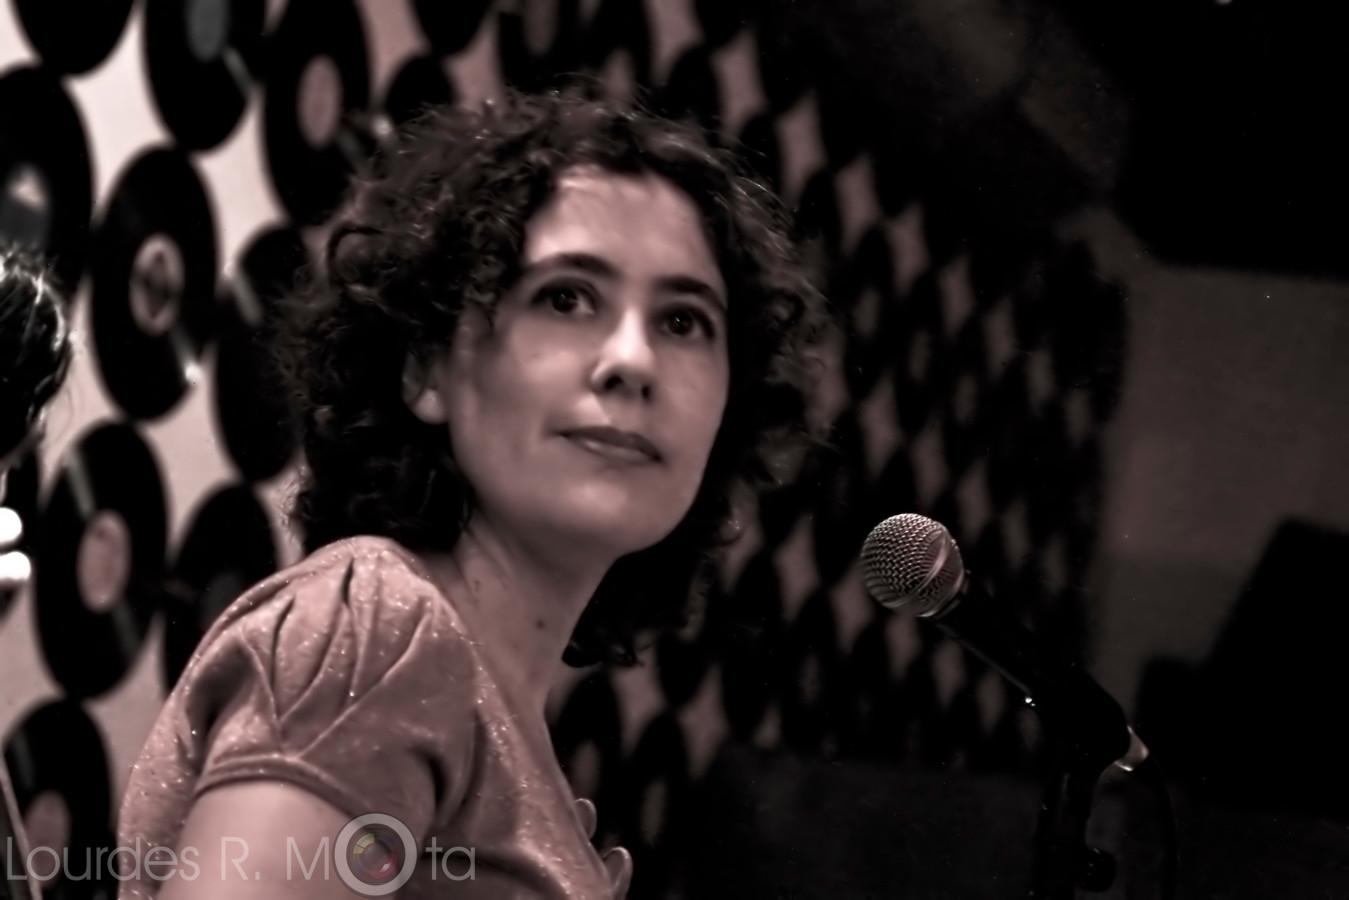 TRÍO con MANOLO TORRES (piano). CAFÉ CANALLA. SEVILLA. ENERO 2010